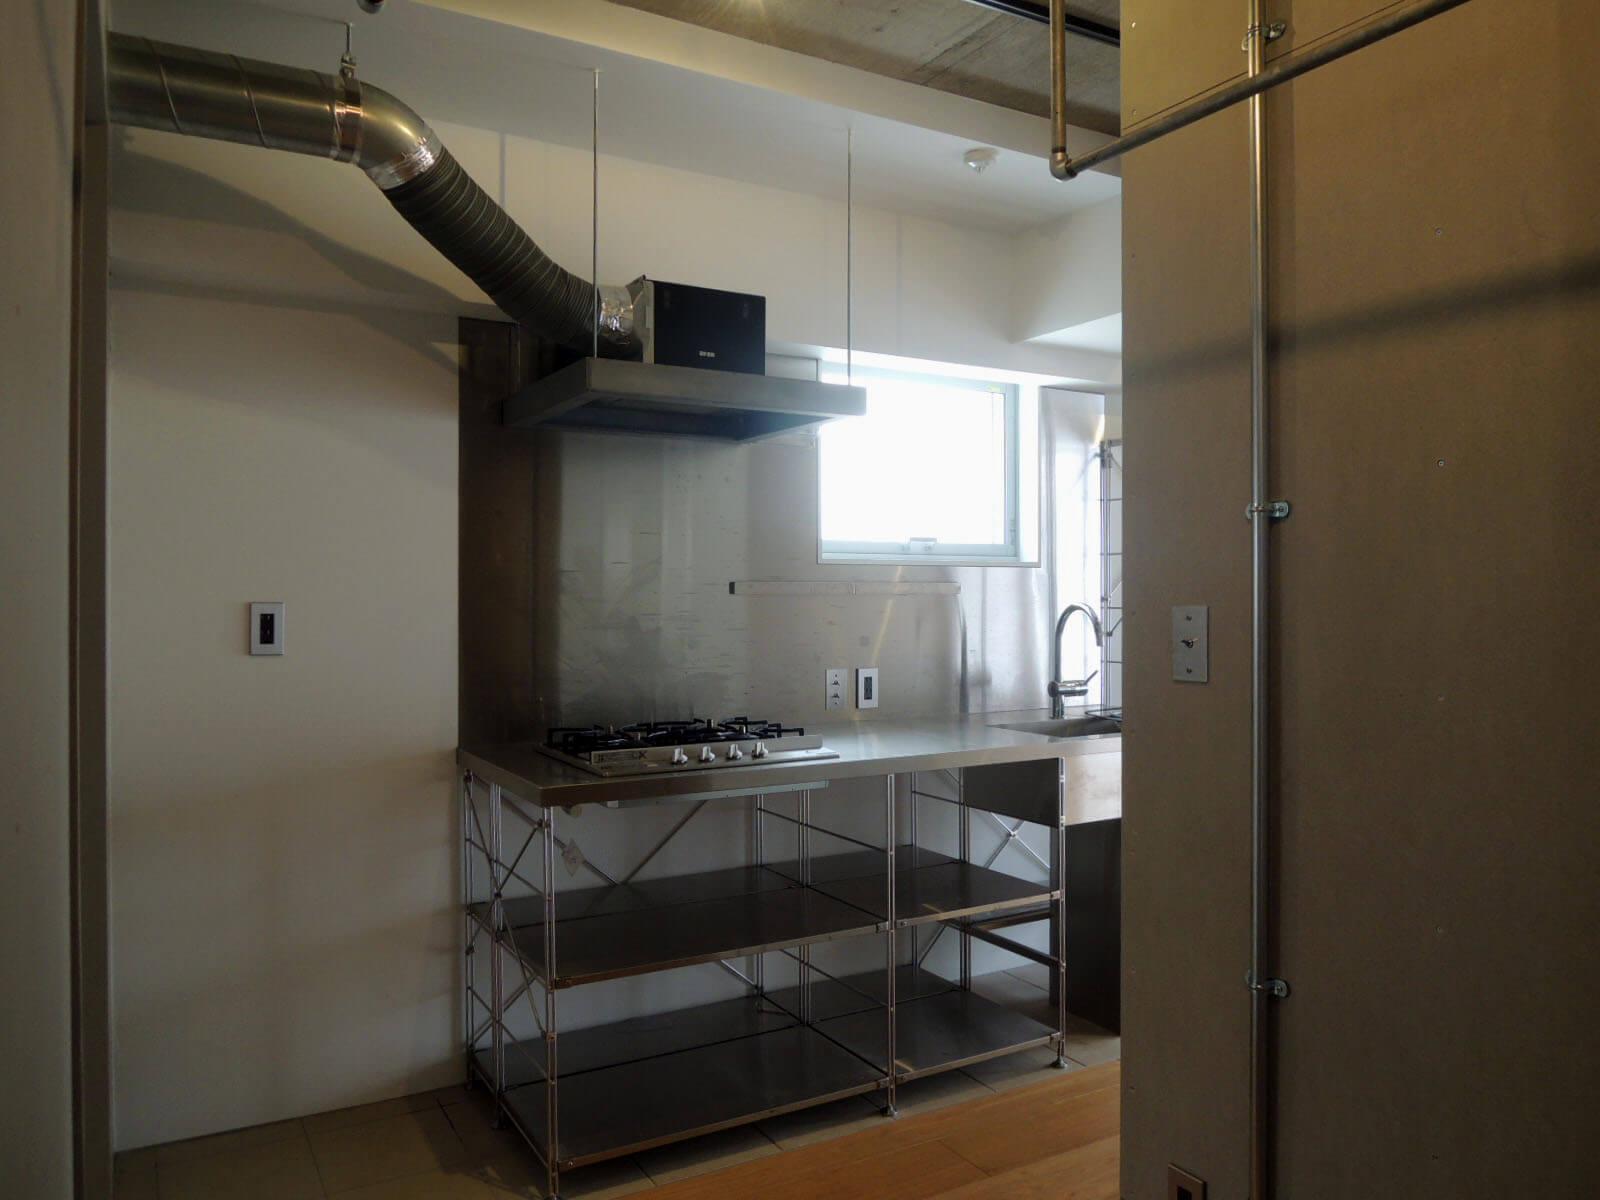 キッチンはオープン収納。冷蔵庫はだいたい置けるかと。